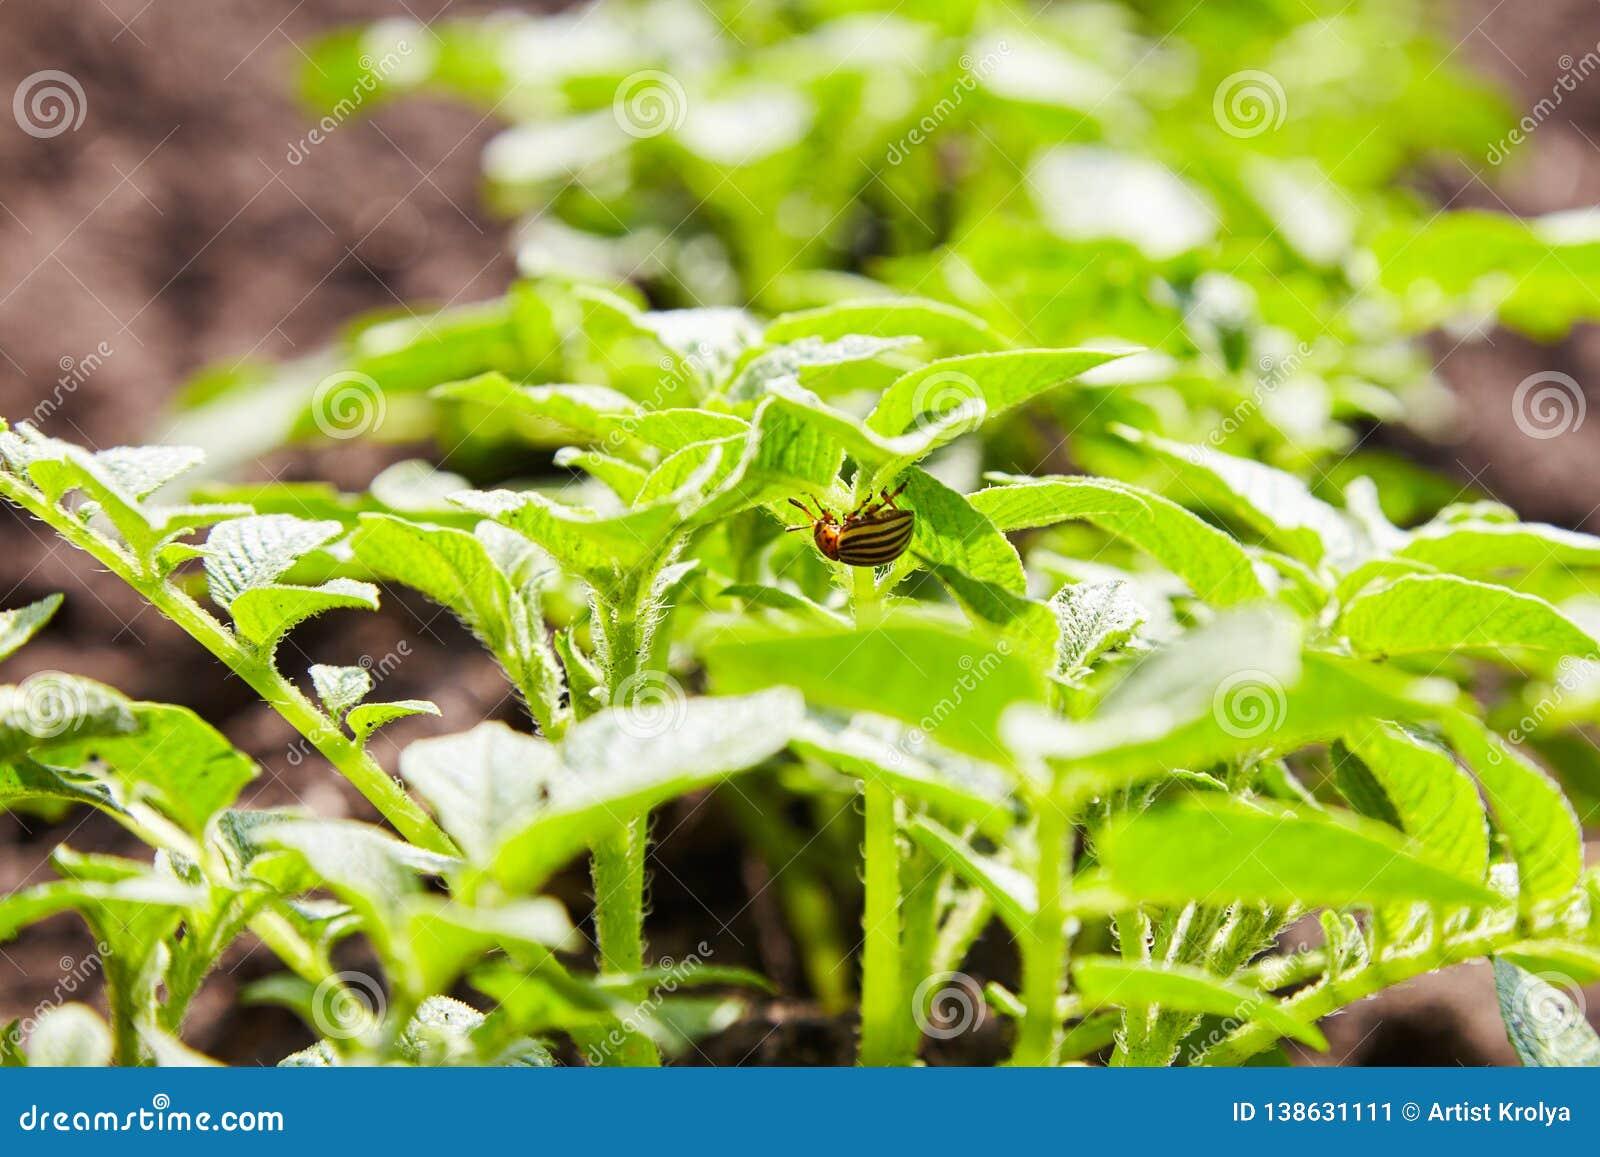 Kolorado ściga chuje pod kartoflanym liściem Kolorado gruli Pasiasta ściga